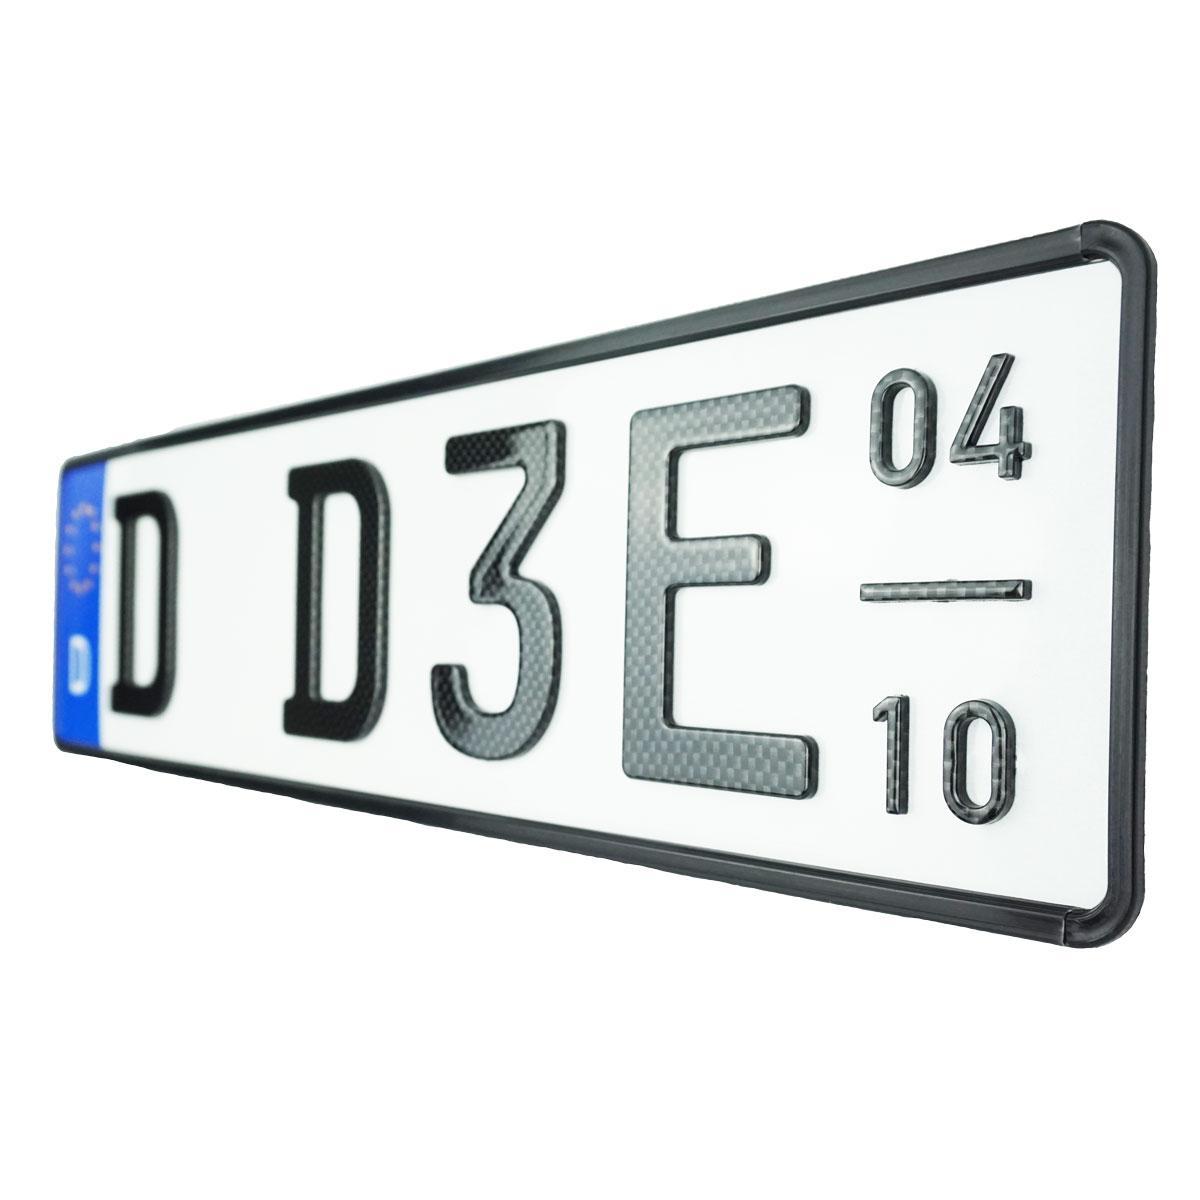 3D E-Kennzeichen mit Saison Carbonoptik Hochglanz Kurz